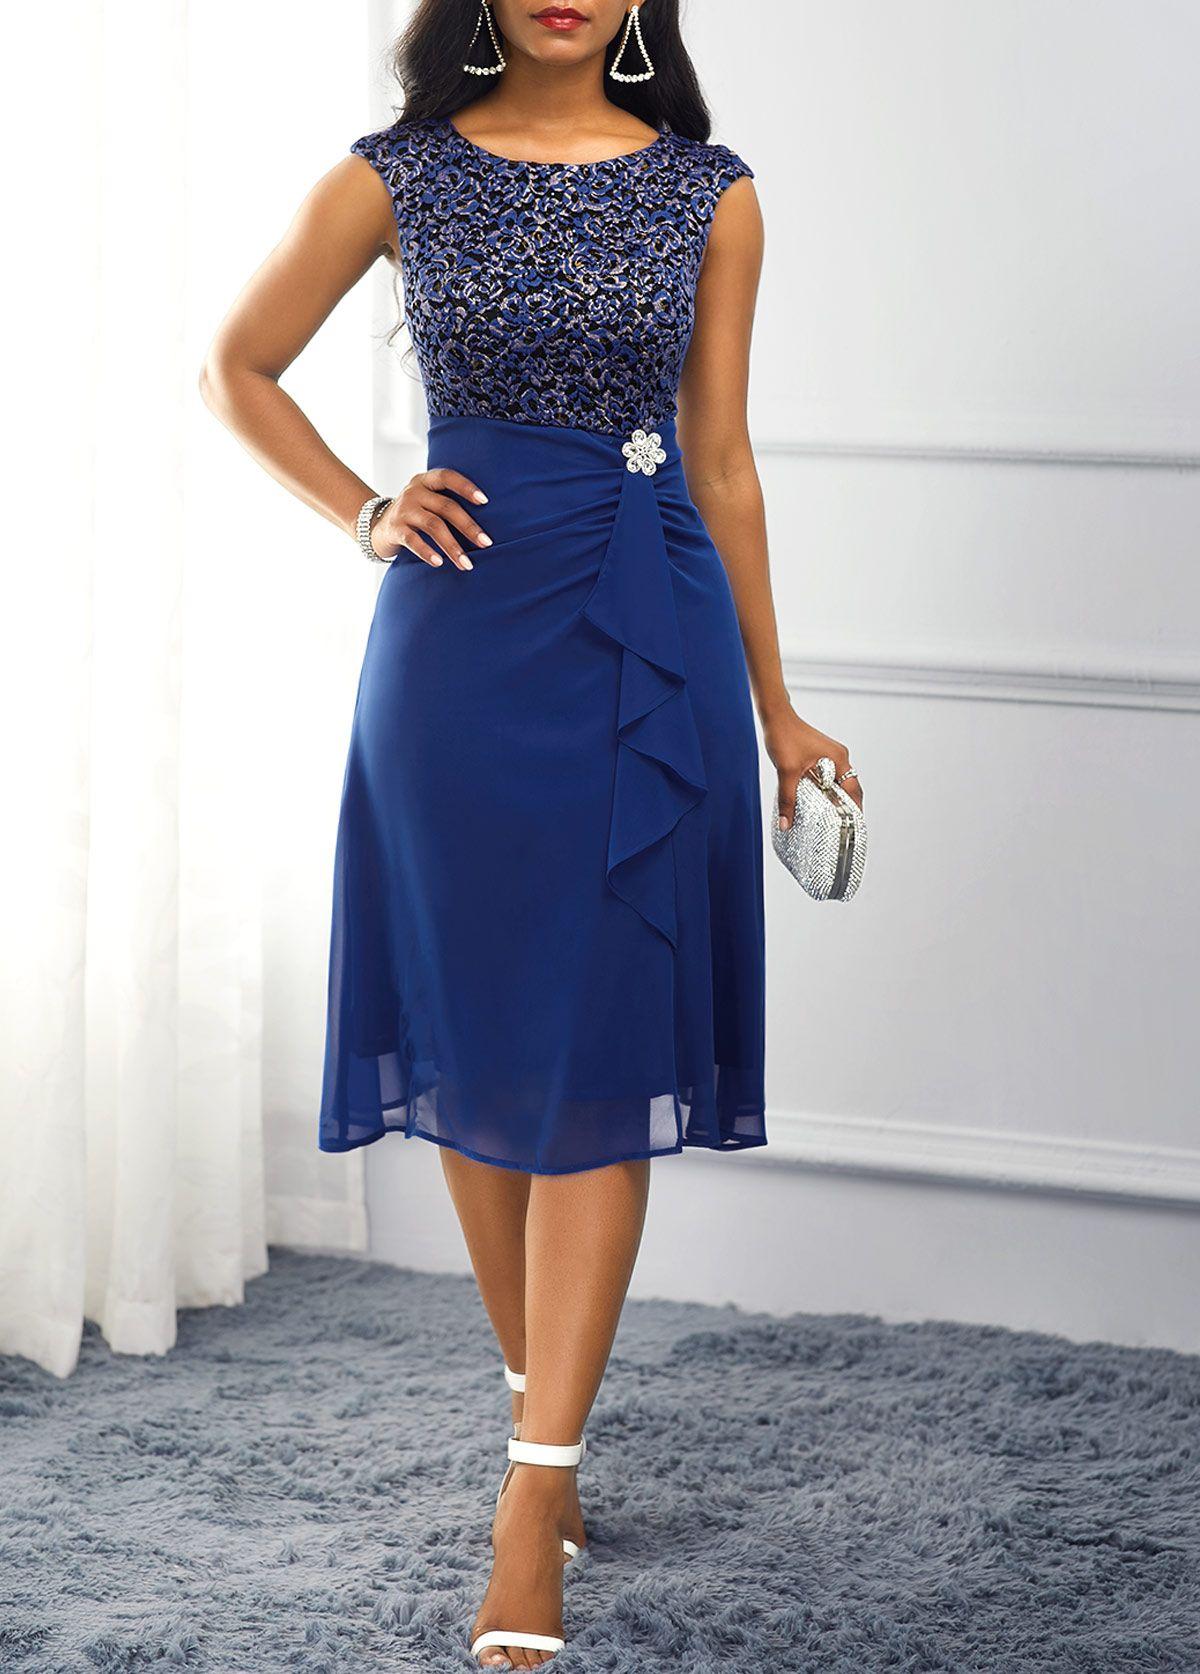 Rhinestone Embellished Navy Blue Dress USD